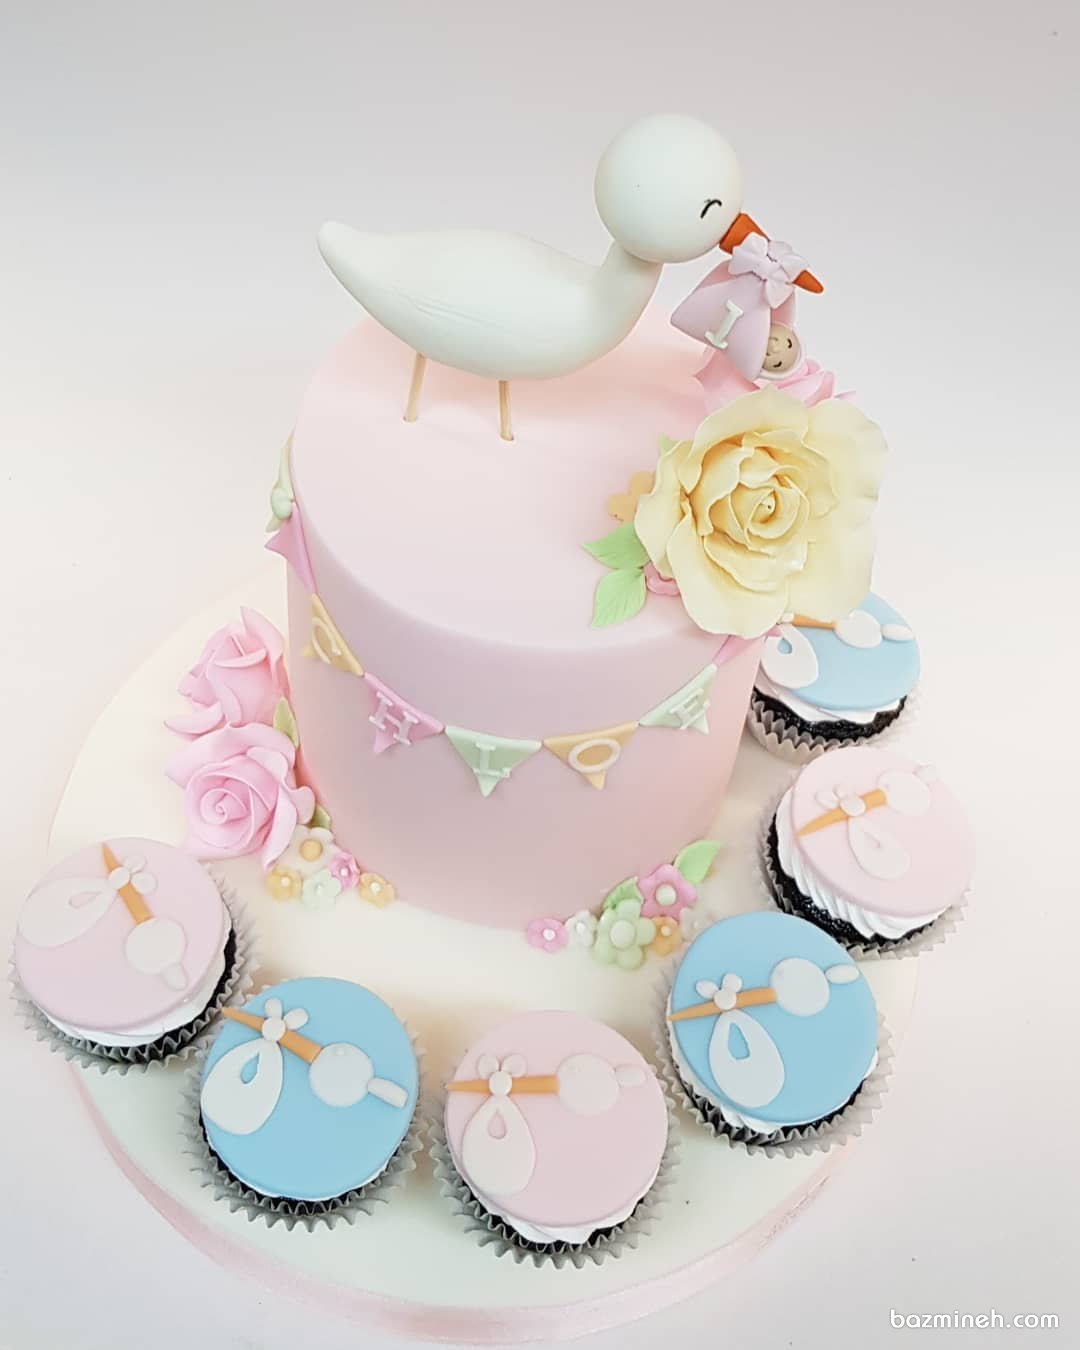 کیک و کاپ کیک های جالب جشن بیبی شاور یا تعیین جنسیت با تم لک لک